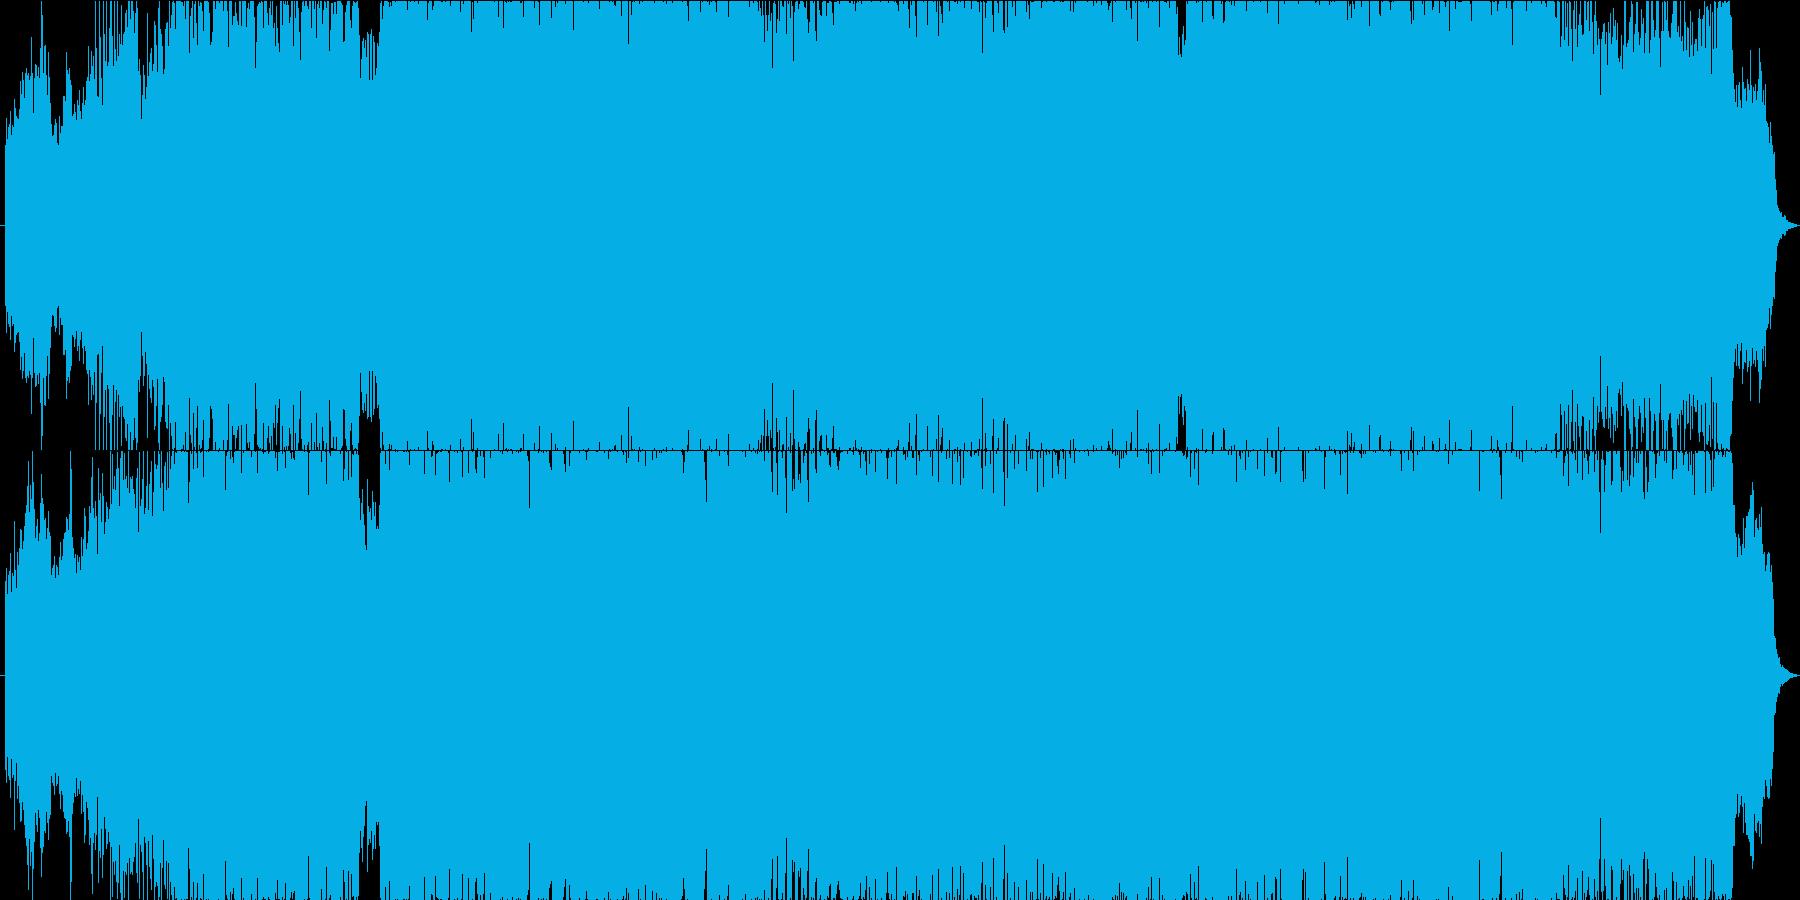 切ないメロディのゲーム戦闘用楽曲の再生済みの波形